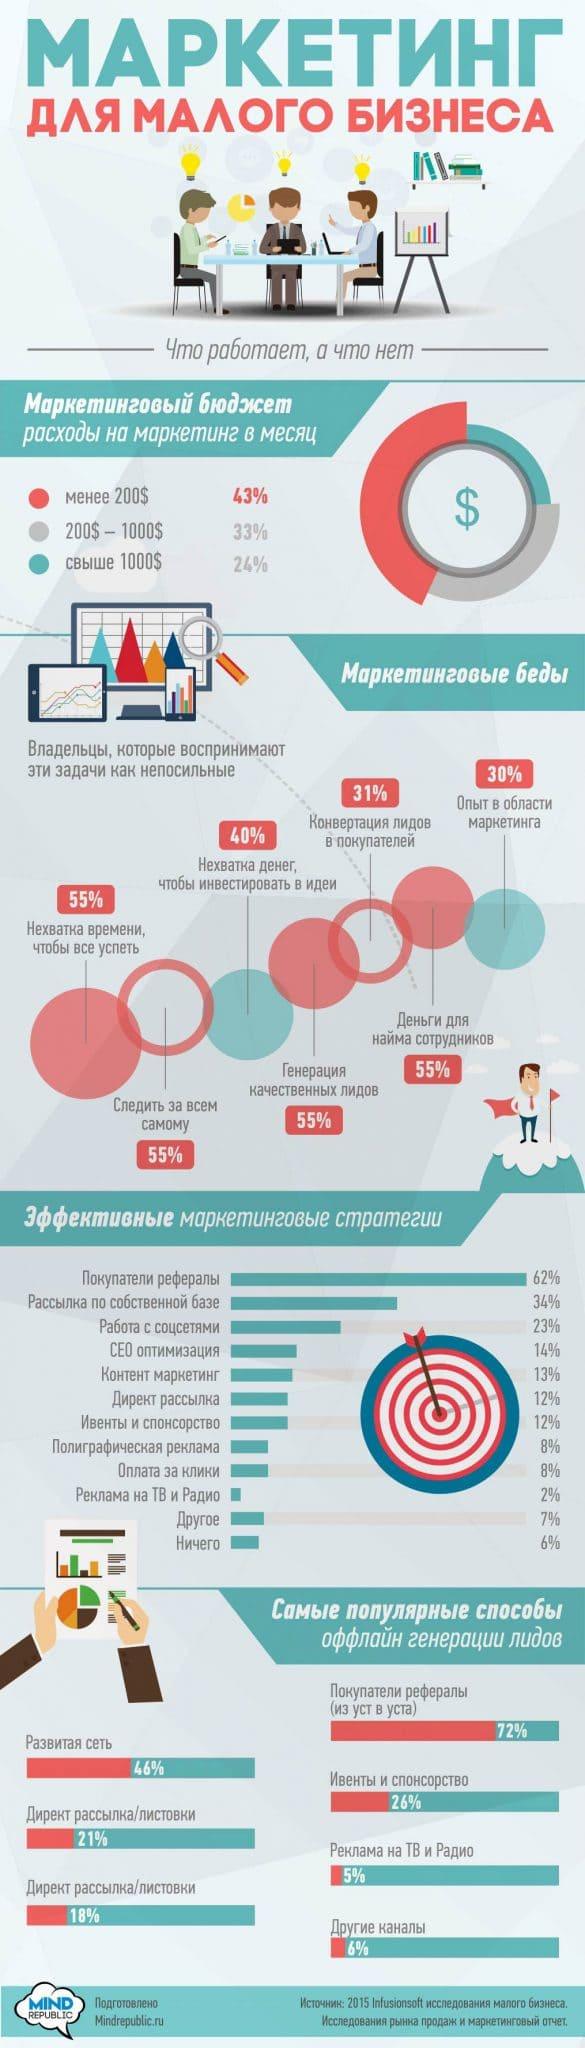 Инфографика. Маркетинг для малого бизнеса.